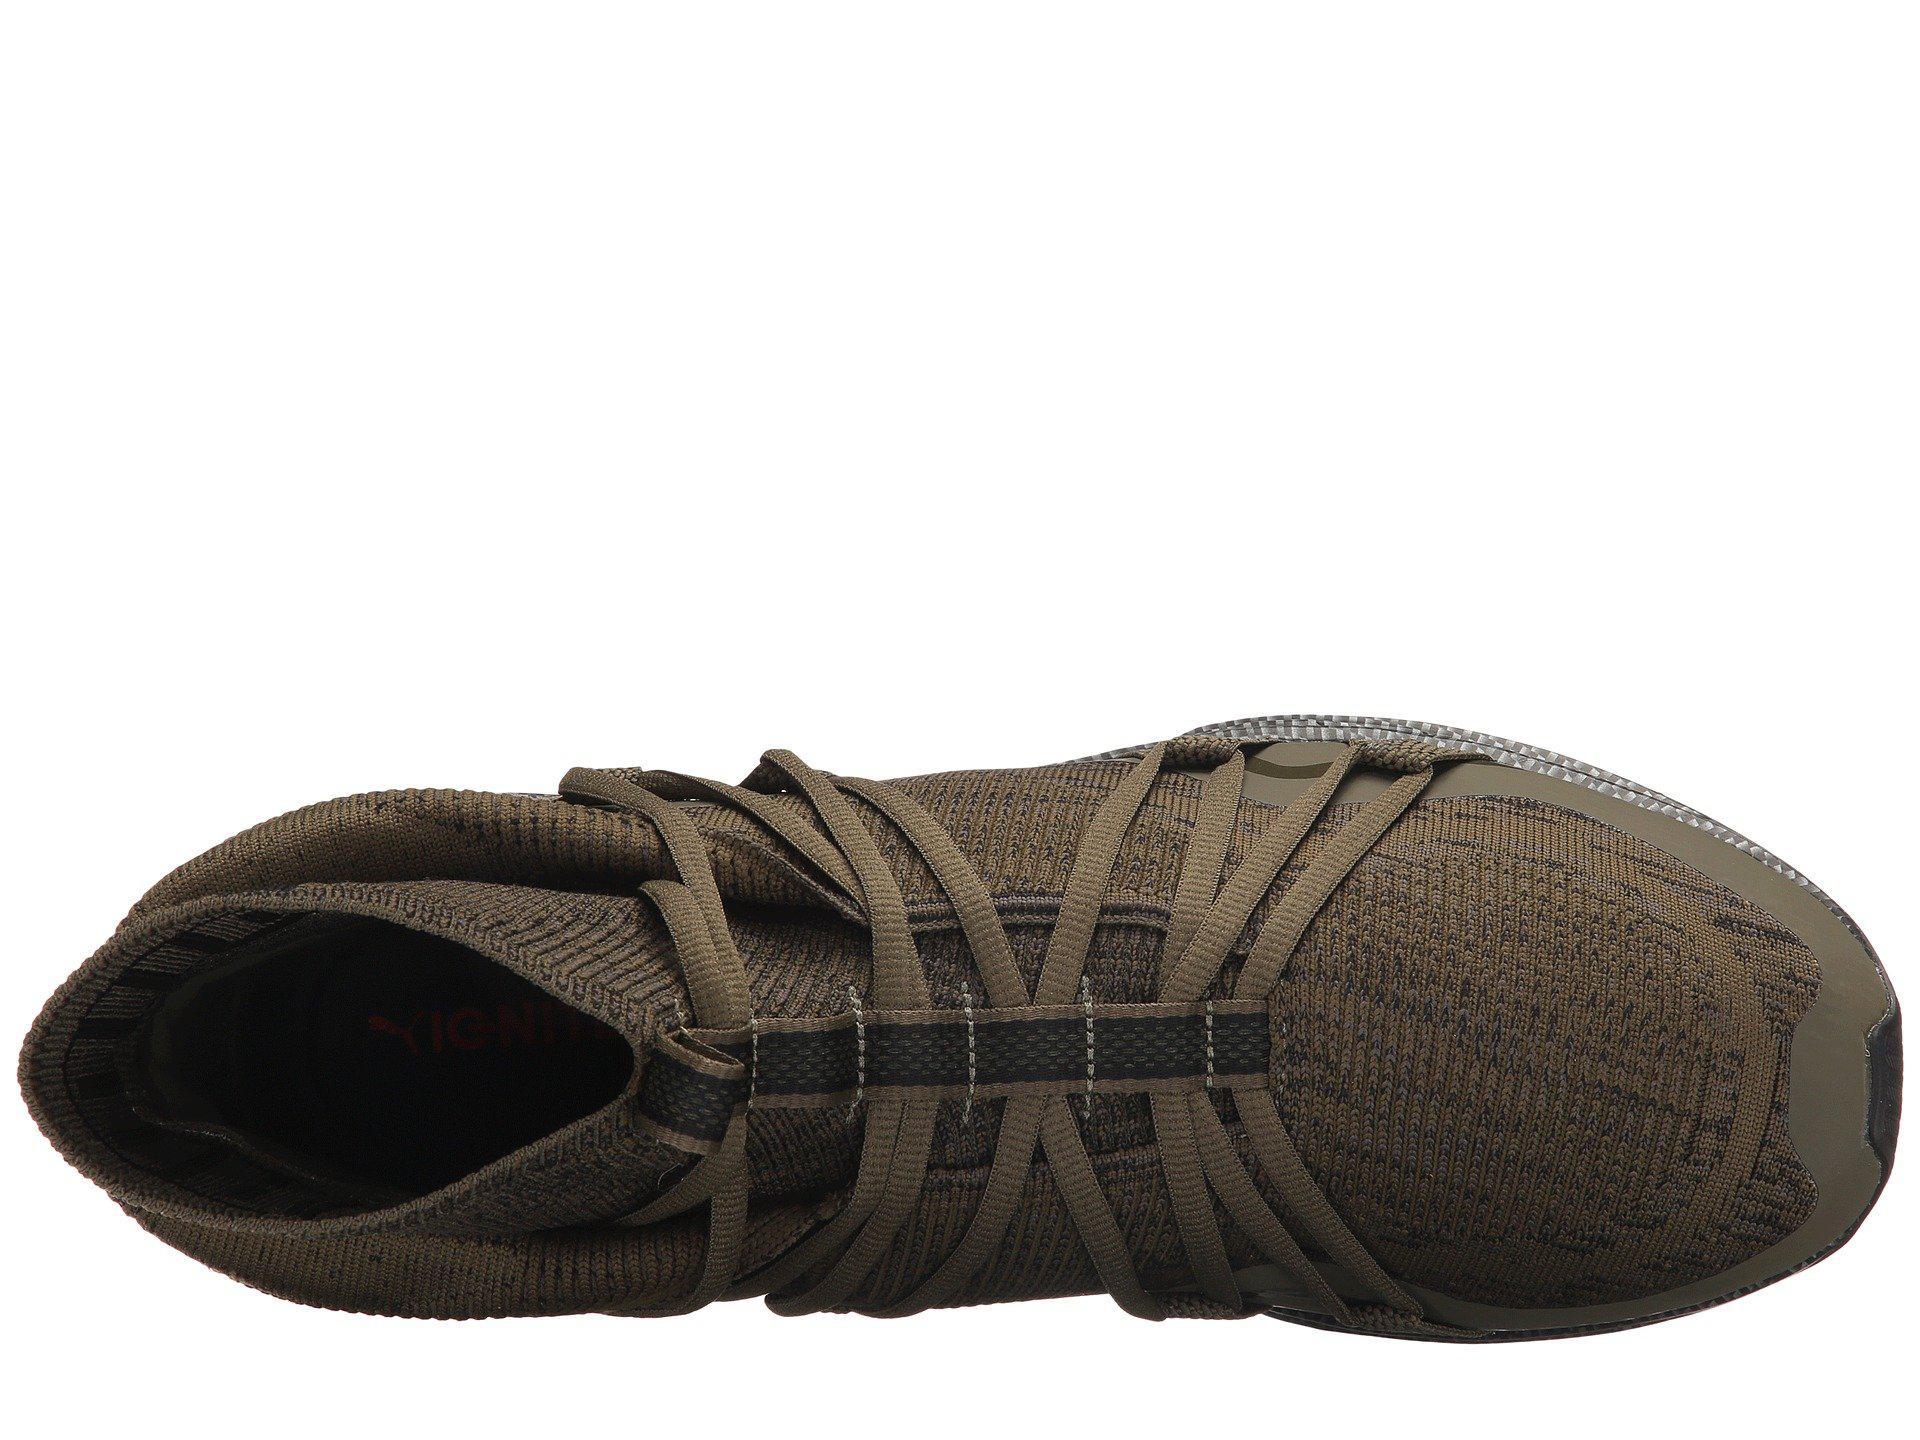 76d3b8cb3e52 Lyst - PUMA Ignite Evoknit Fold Cf in Black for Men - Save 22%